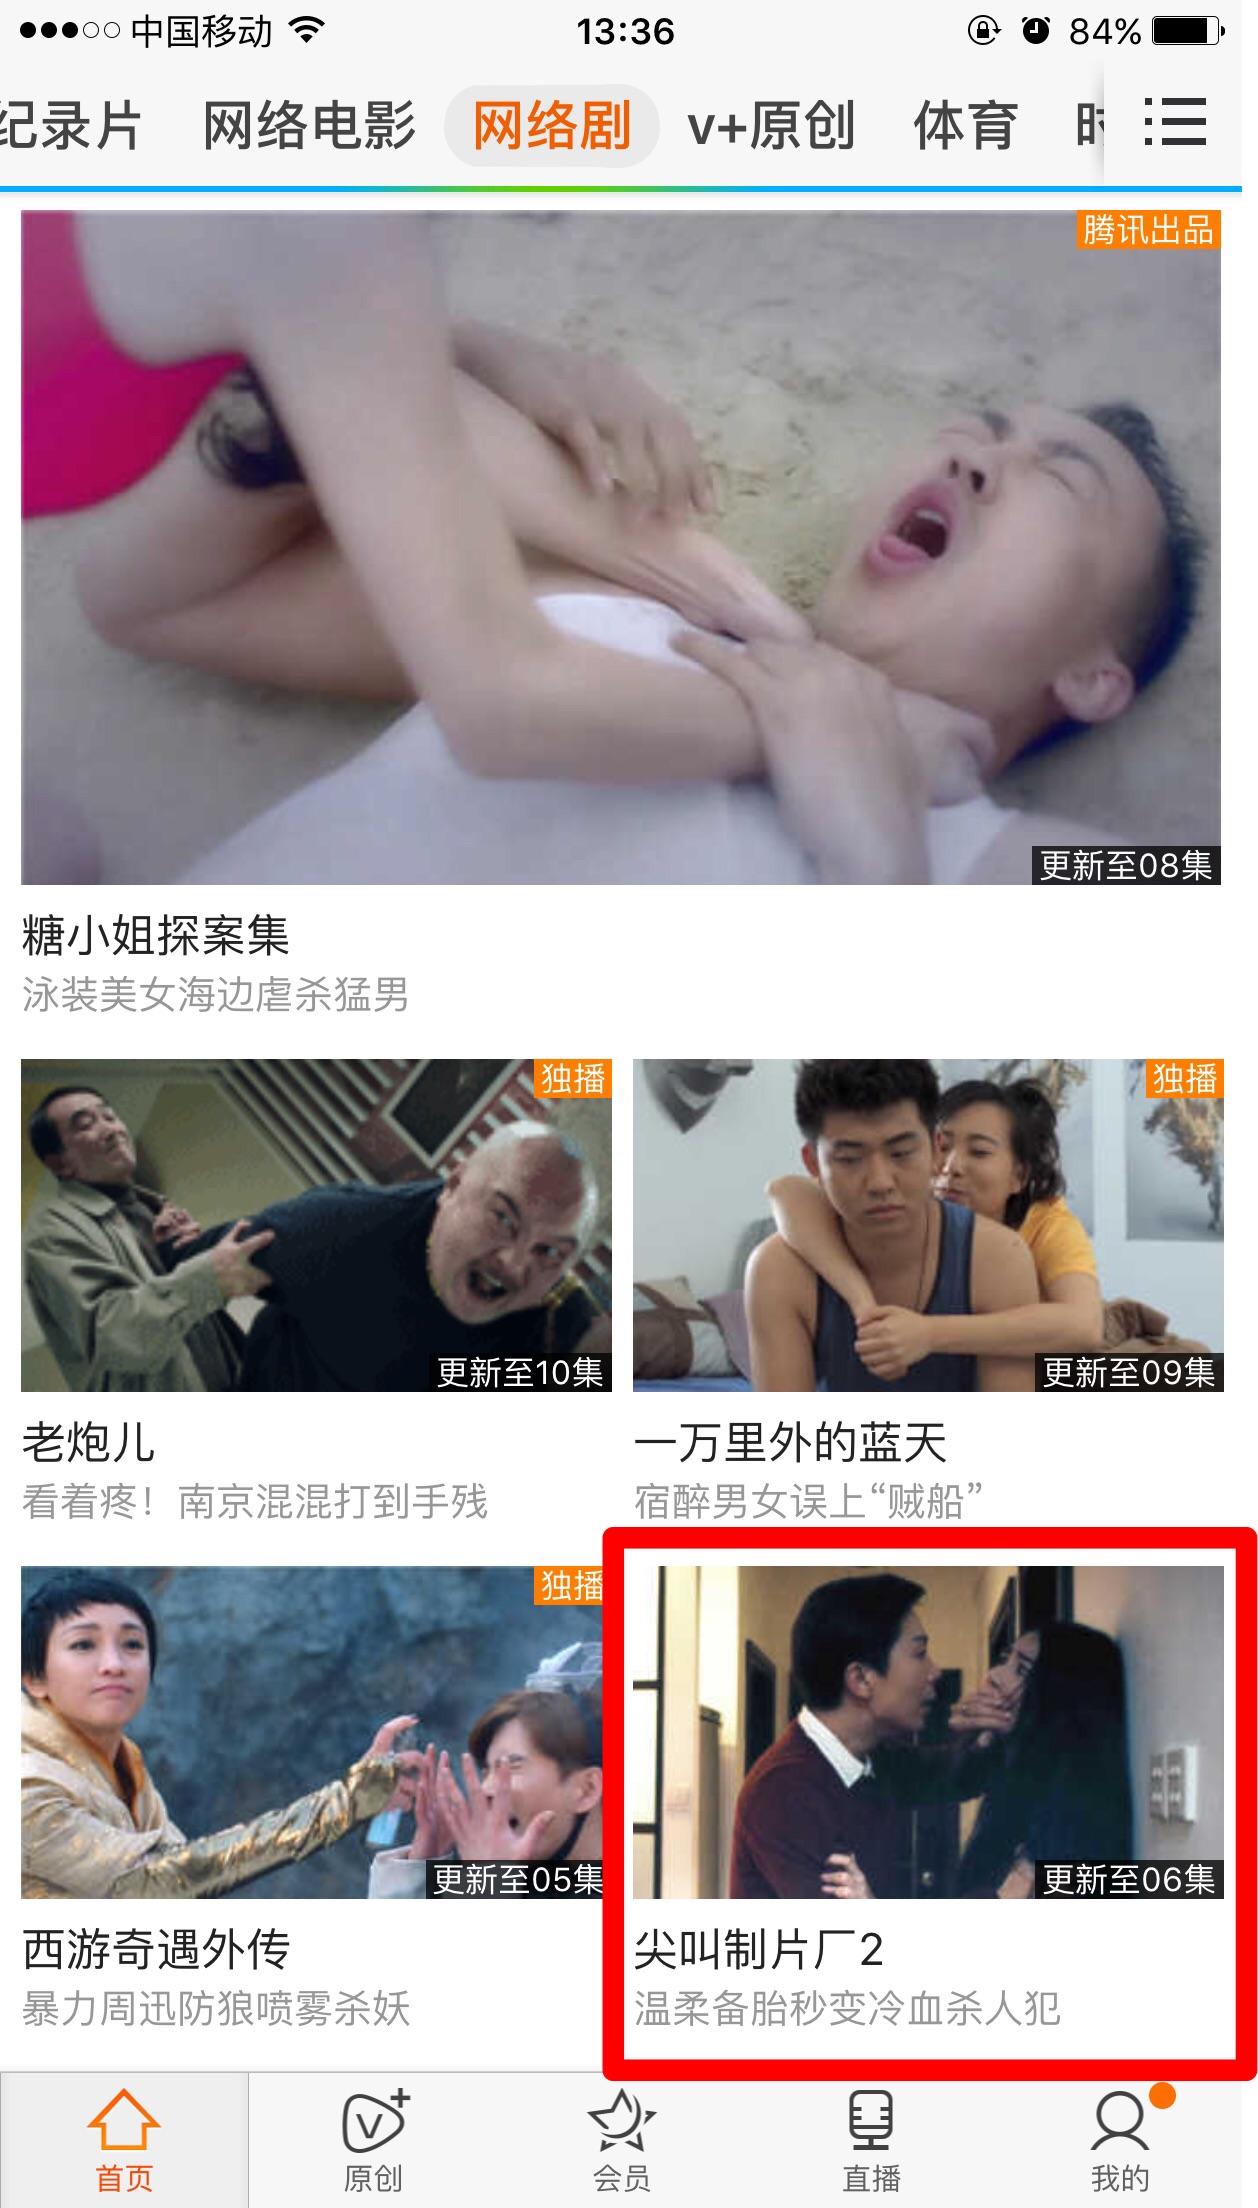 腾讯app网络剧频道